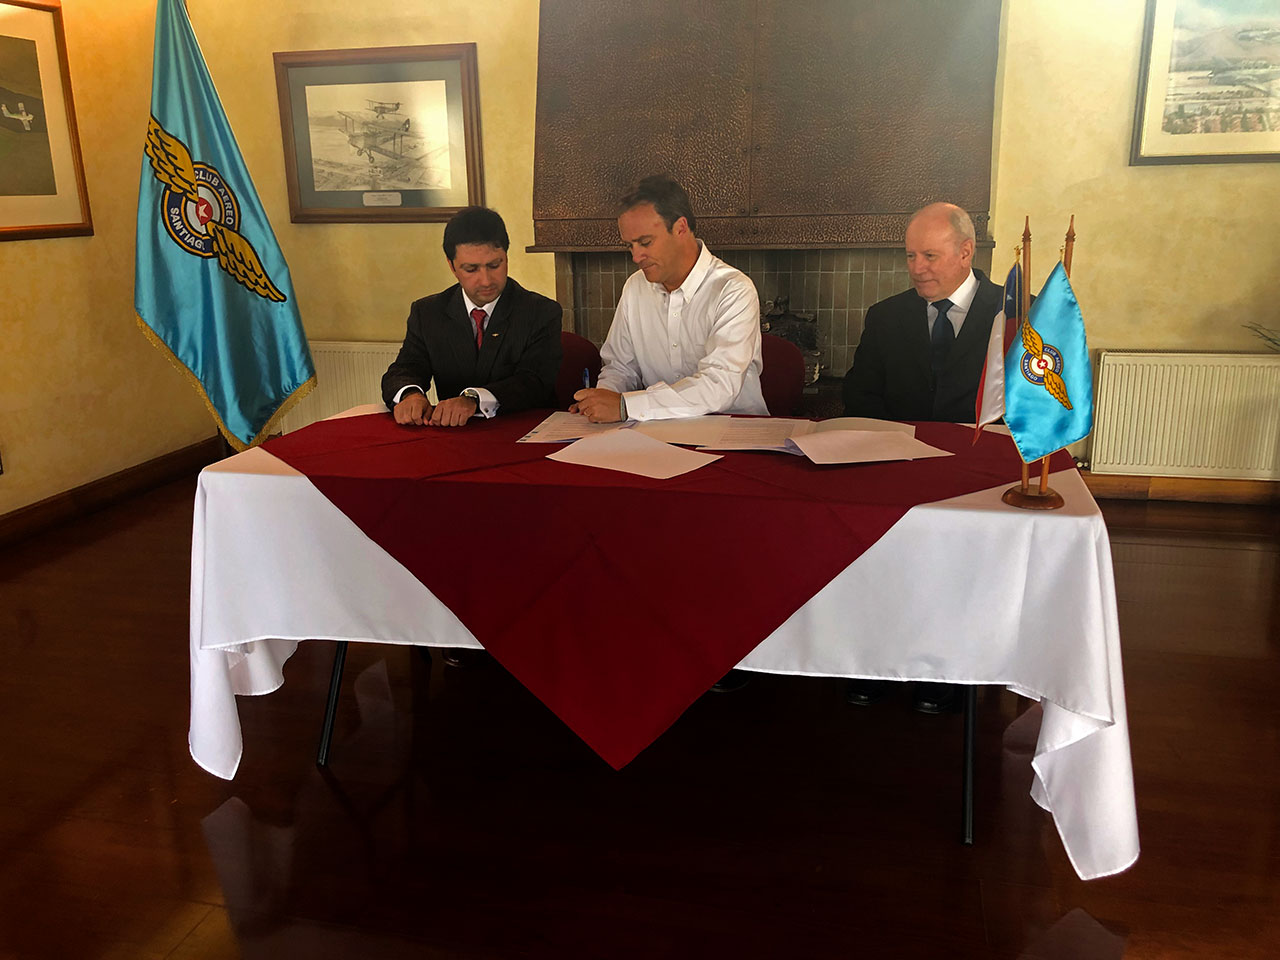 Convenio de Cooperación Ministerio de Bienes Nacionales y Federación Aérea de Chile